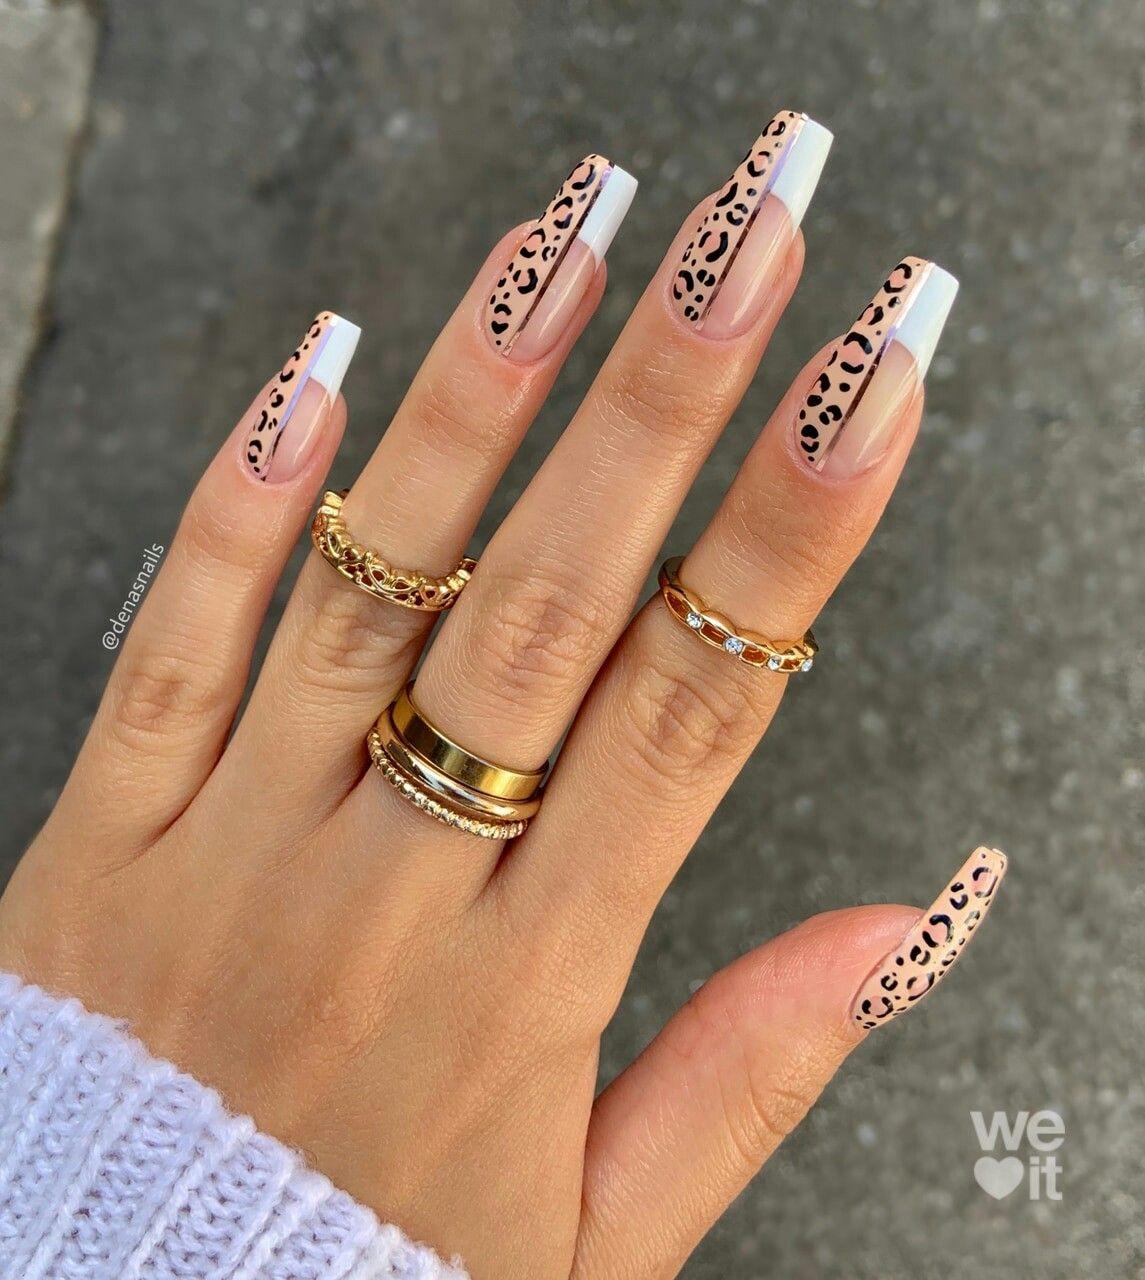 Pin By Brenda Pereira On Nail Design In 2020 Cheetah Acrylic Nails Tapered Square Nails Bling Acrylic Nails